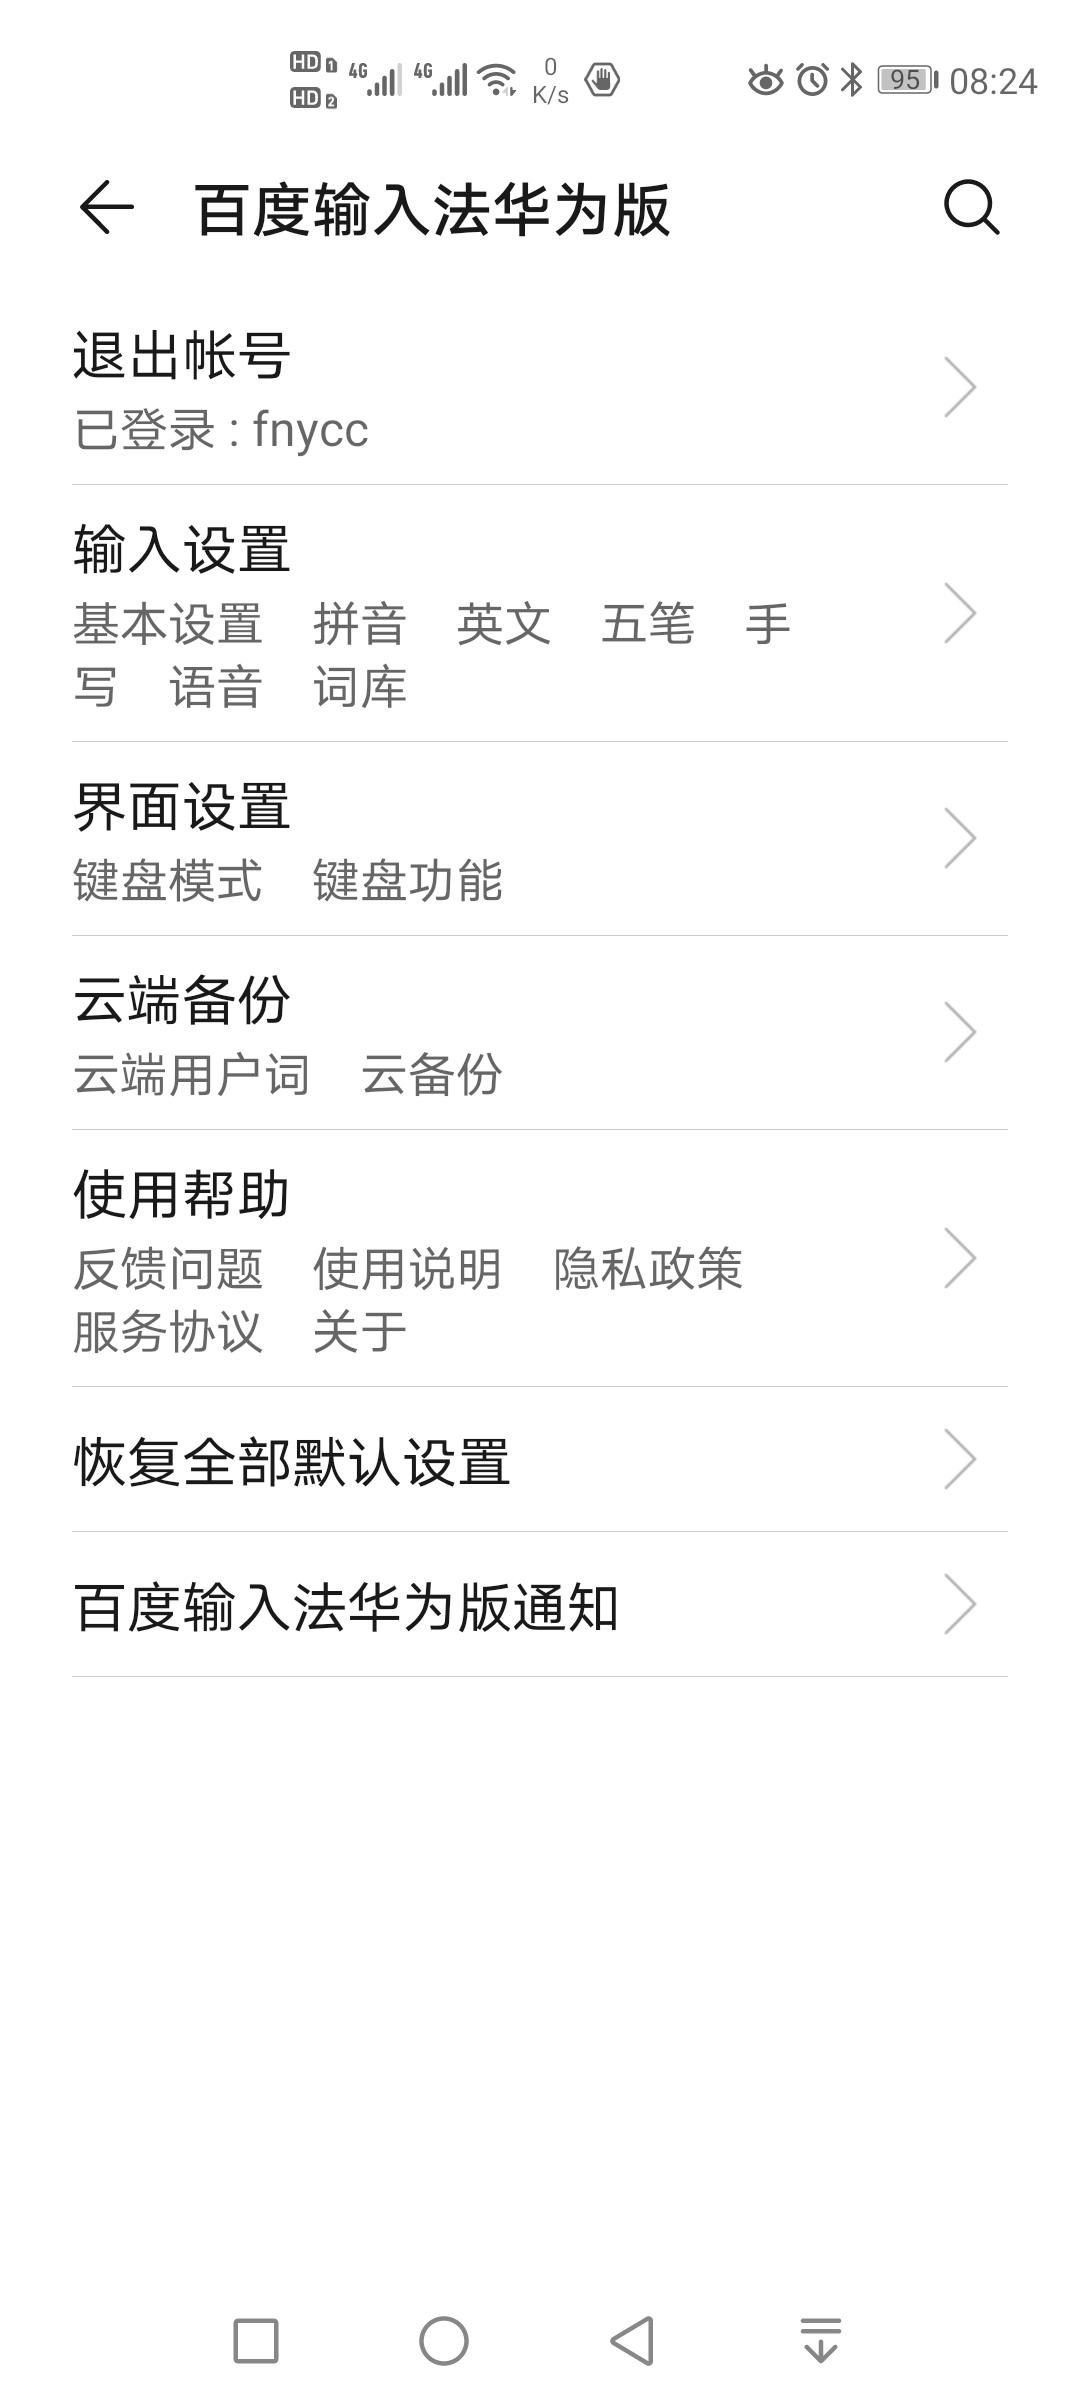 Screenshot_20201011_082442_com.baidu.input_huawei.jpg